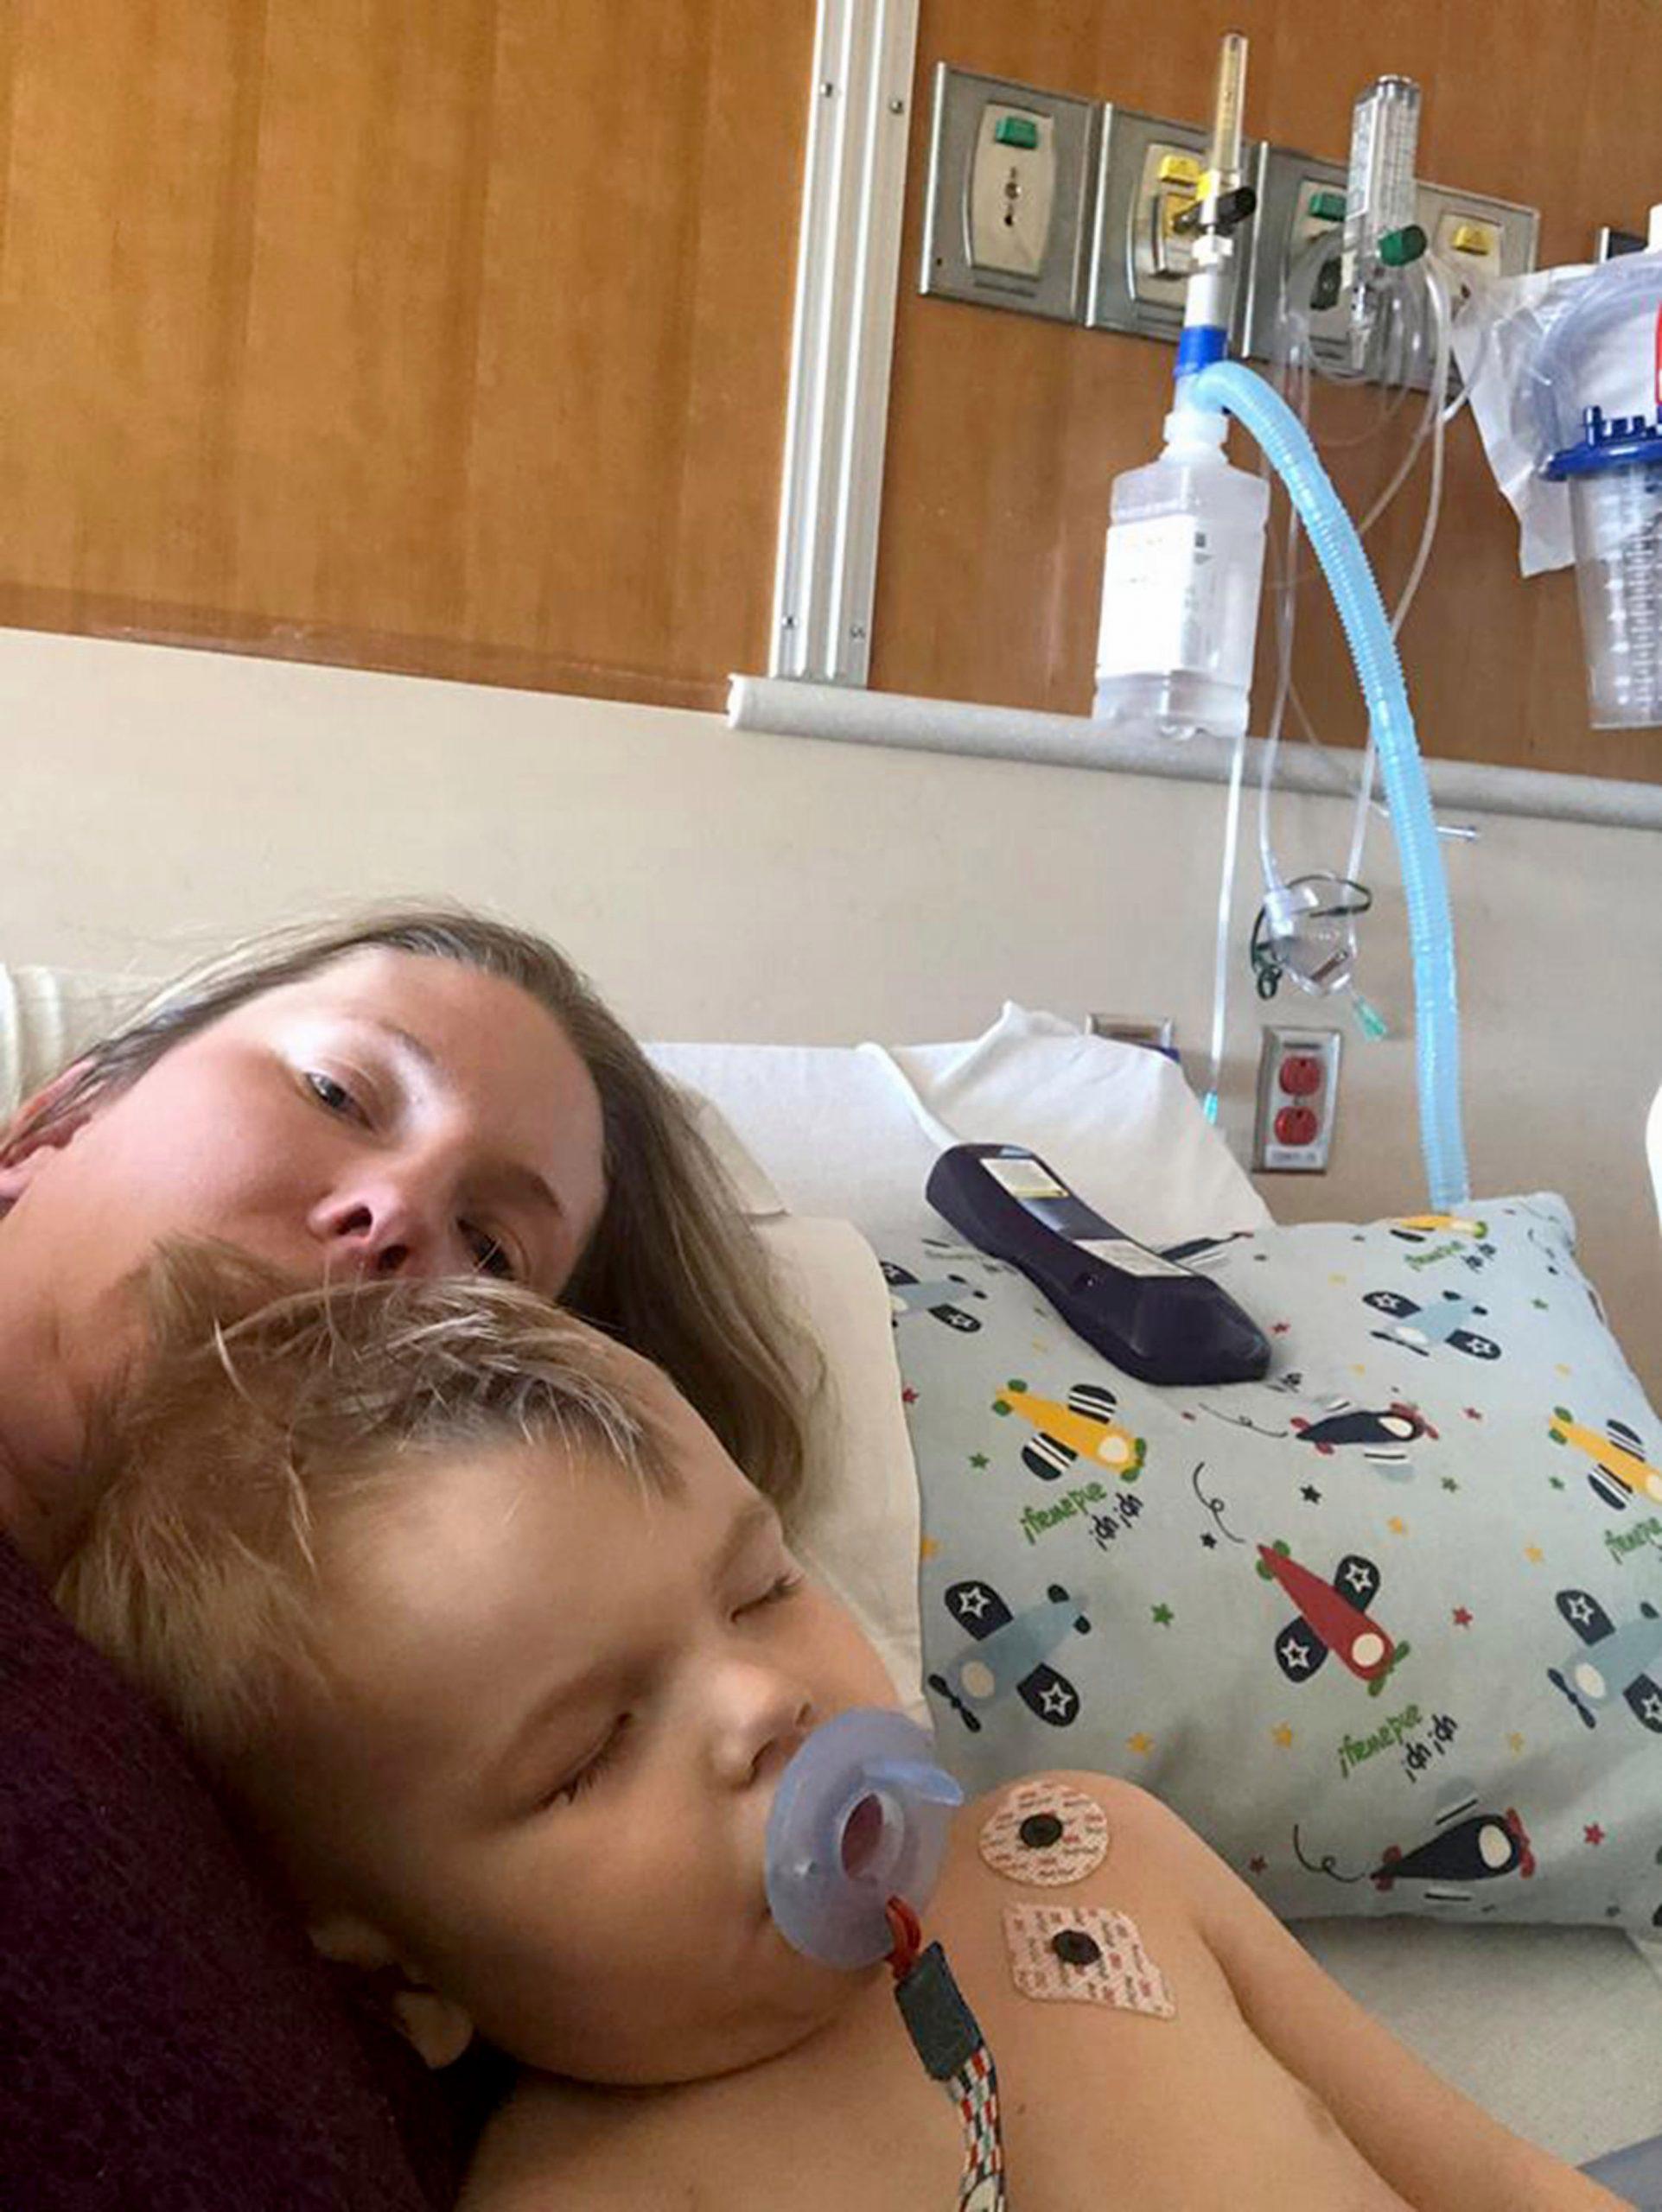 Γονείς προειδοποιούν: Popcorn έστειλε το παιδί μας στο νοσοκομείο είδηση